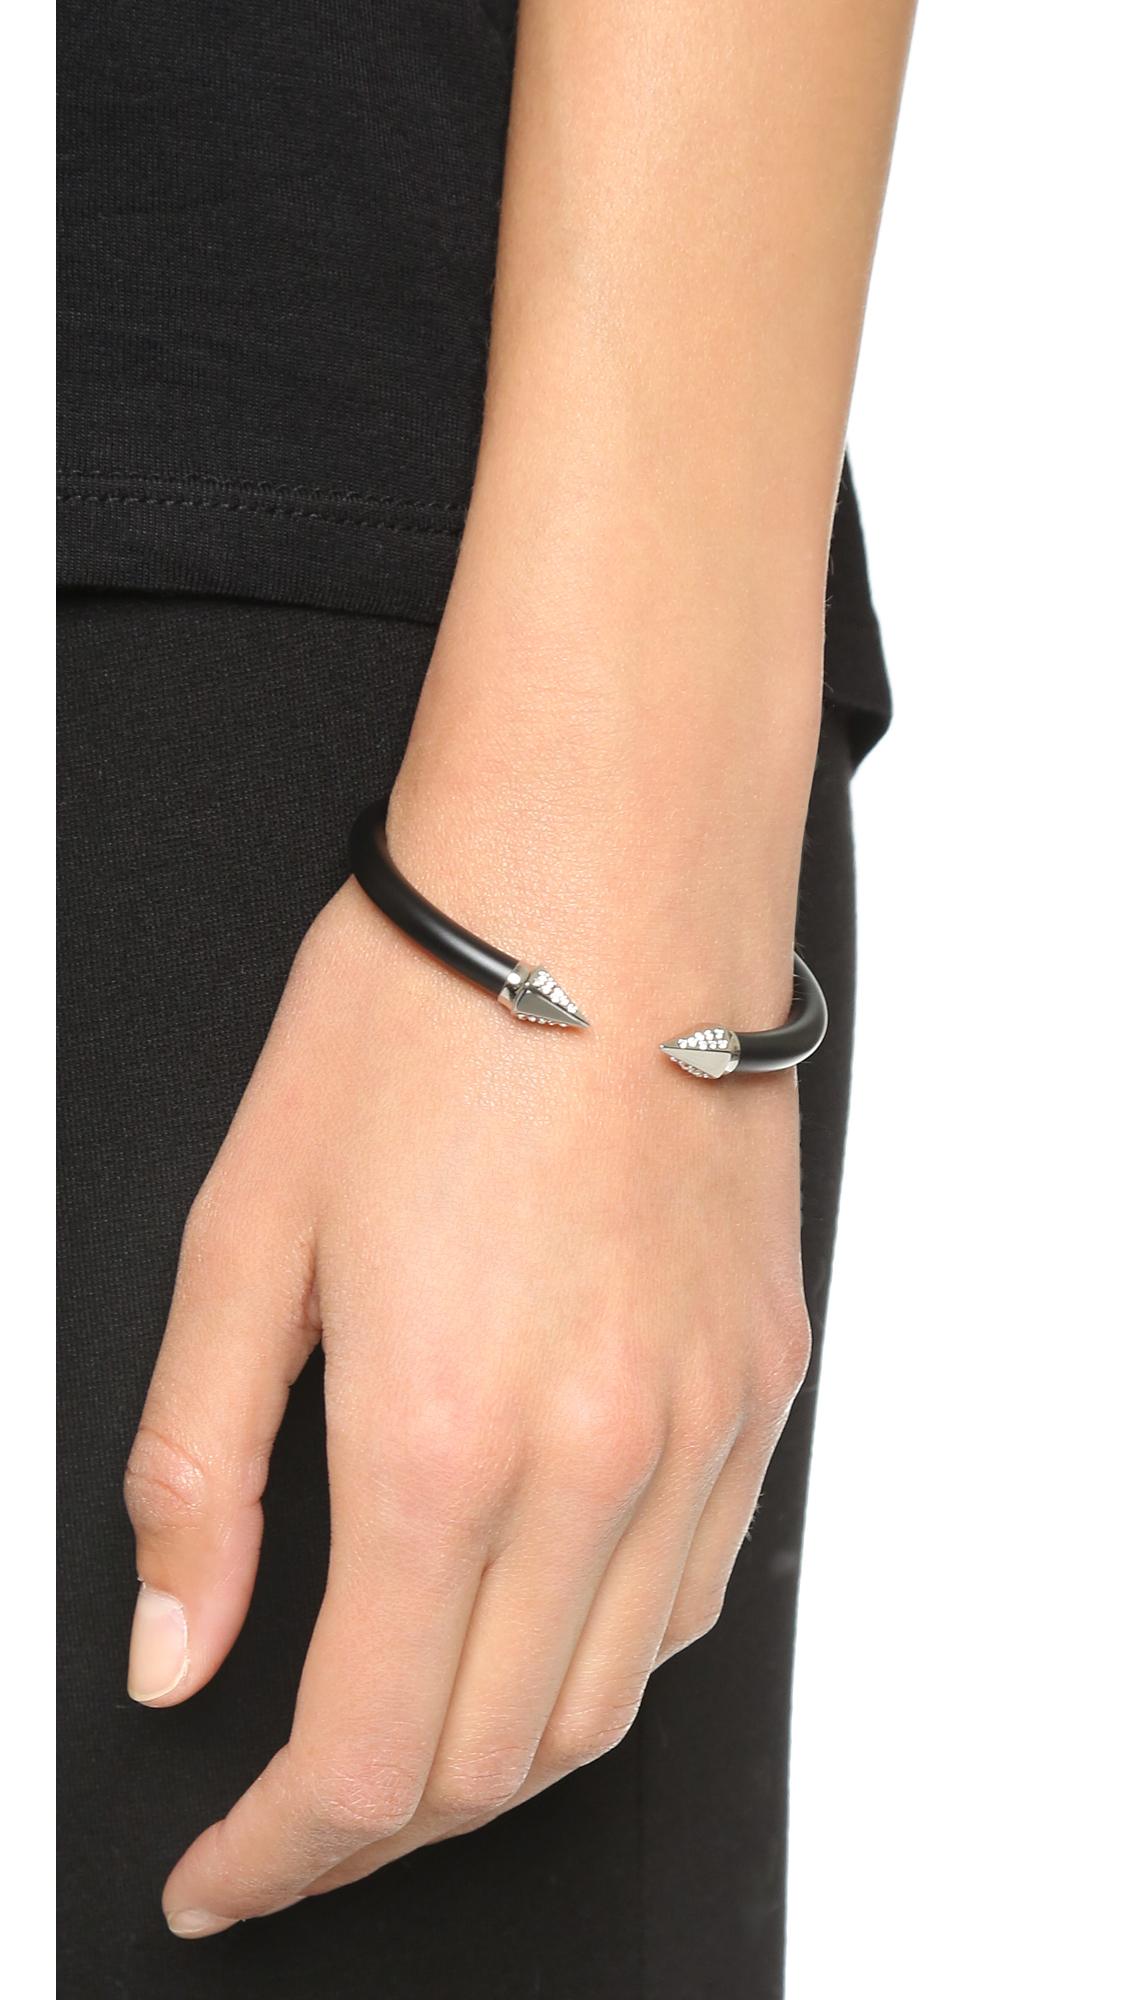 Vita Fede Mini Titan Two Tone Crystal Bracelet rZ31FW4YX